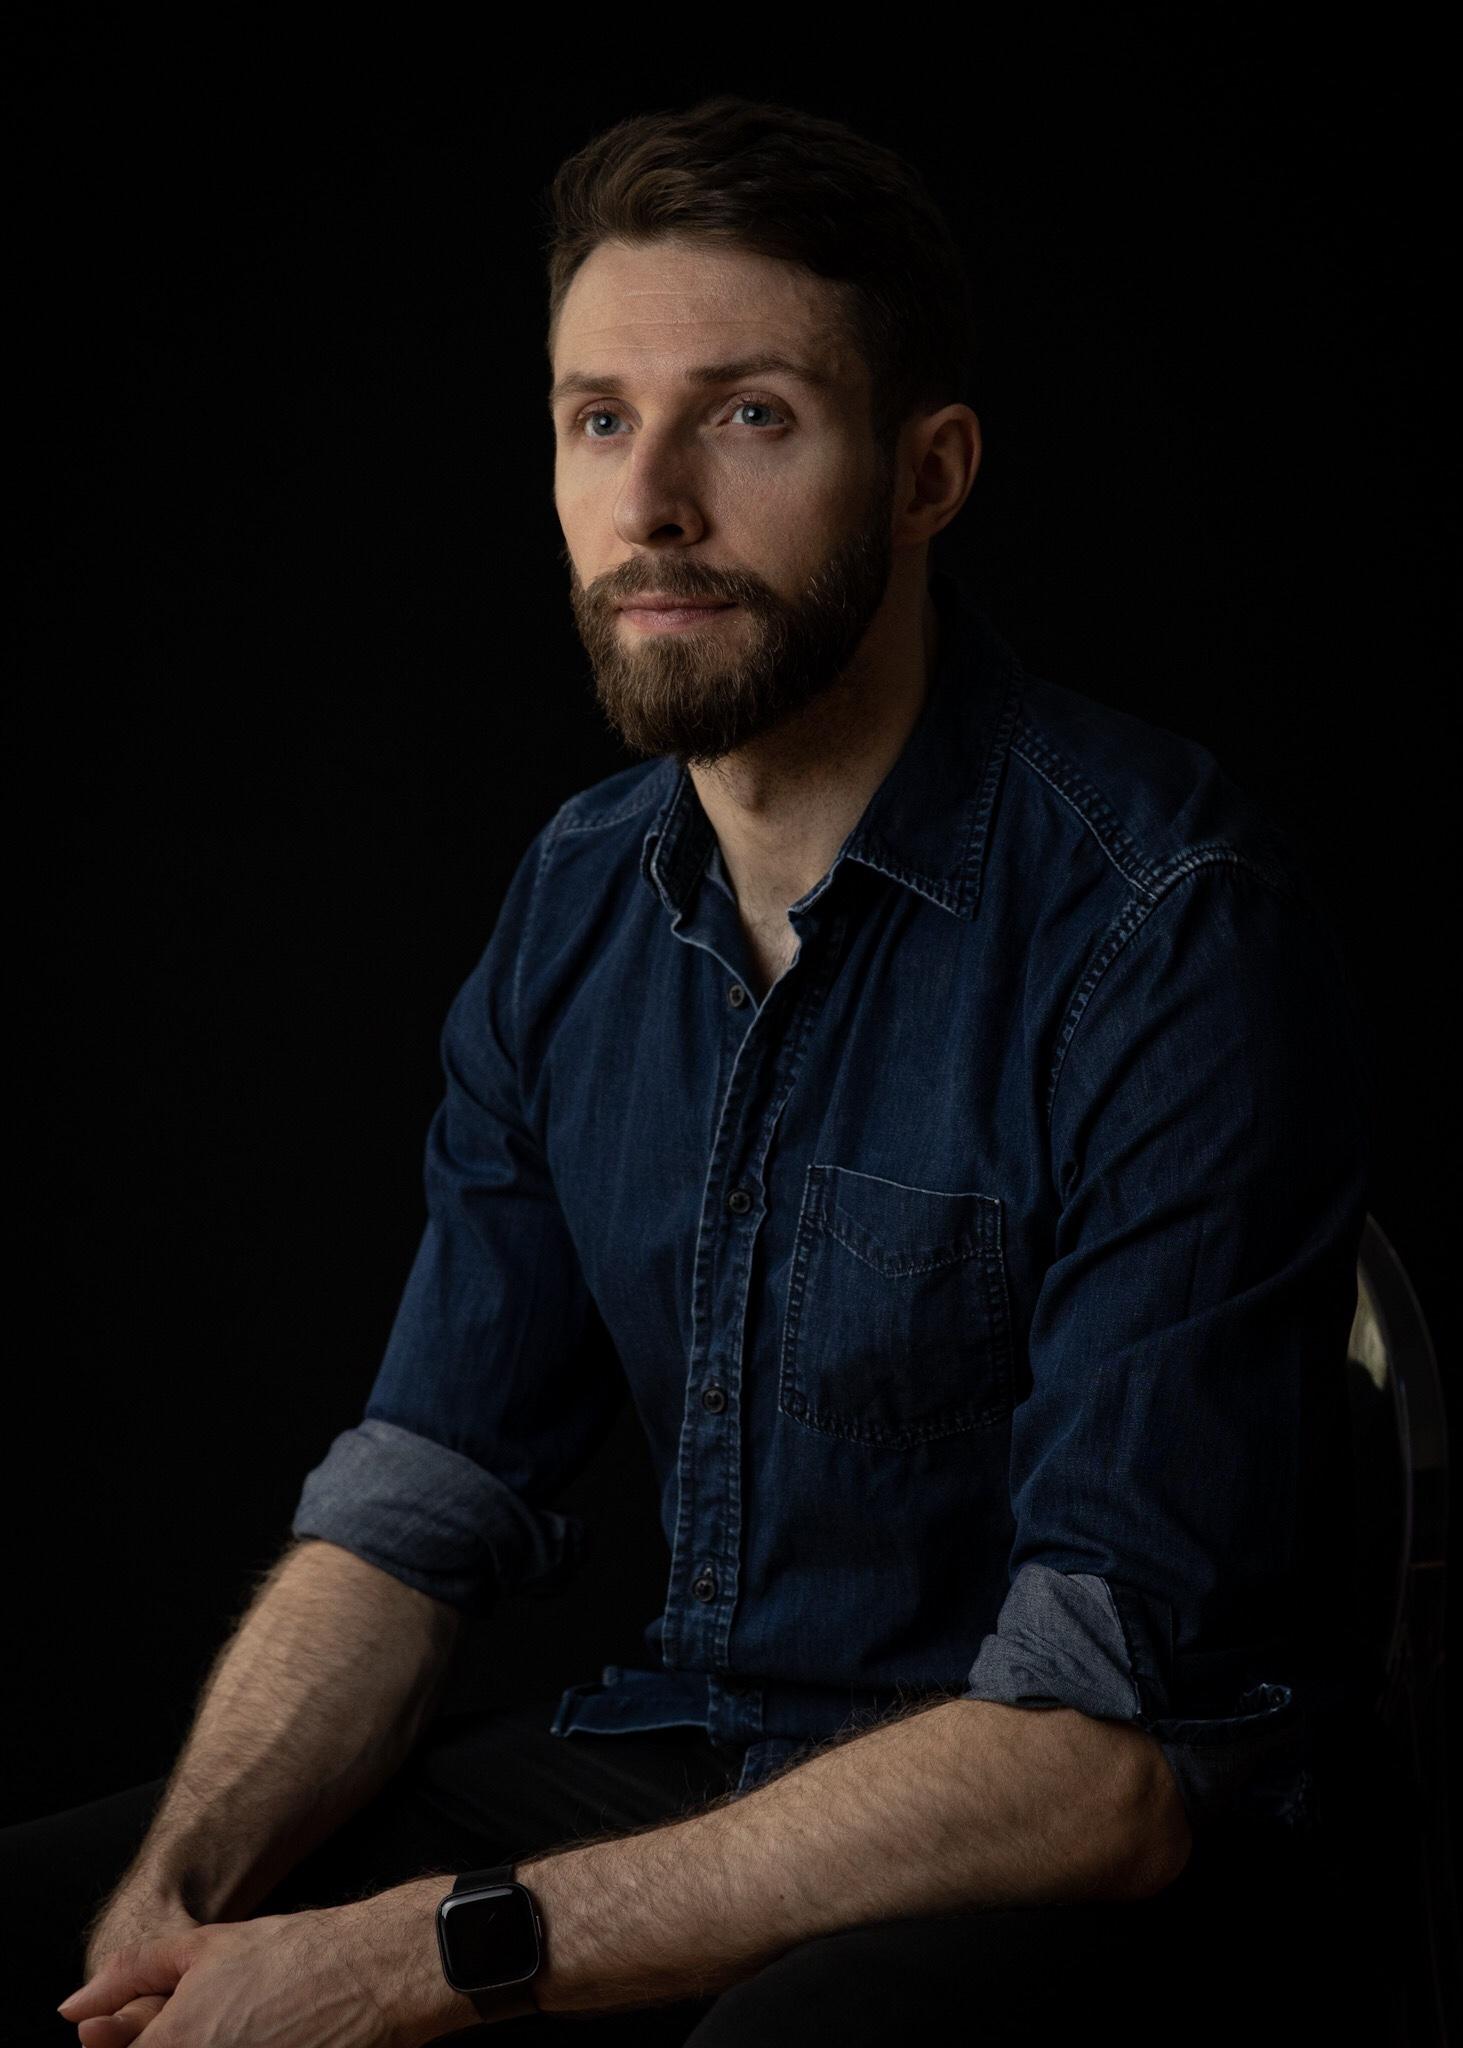 male studio portrait